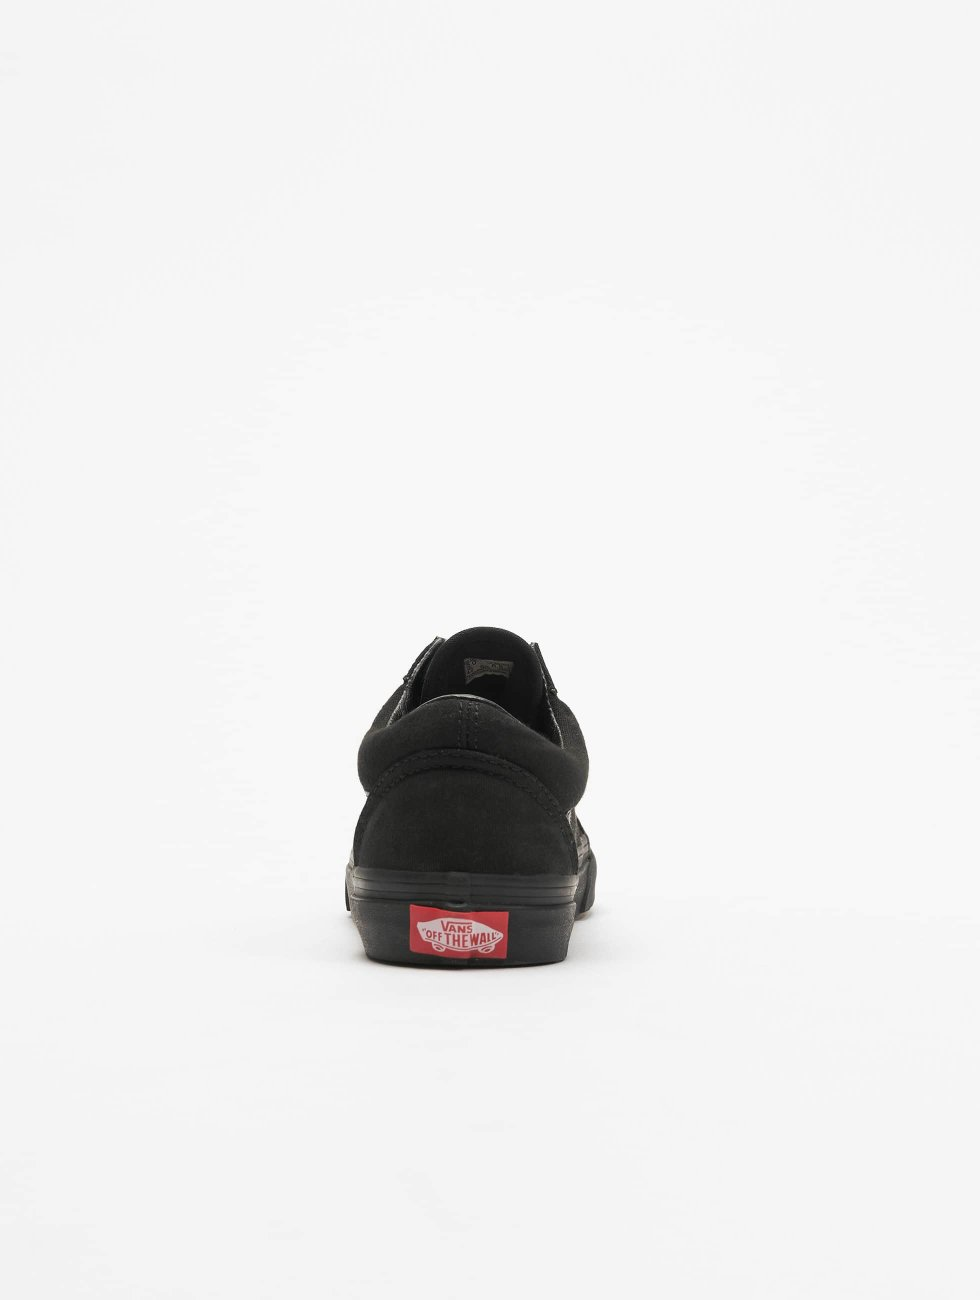 Nieuw Bezoek Outlet Mode-stijl Vans schoen / sneaker Old Skool in zwart 213086 Footlocker Finish Goedkope Online k5TUFW